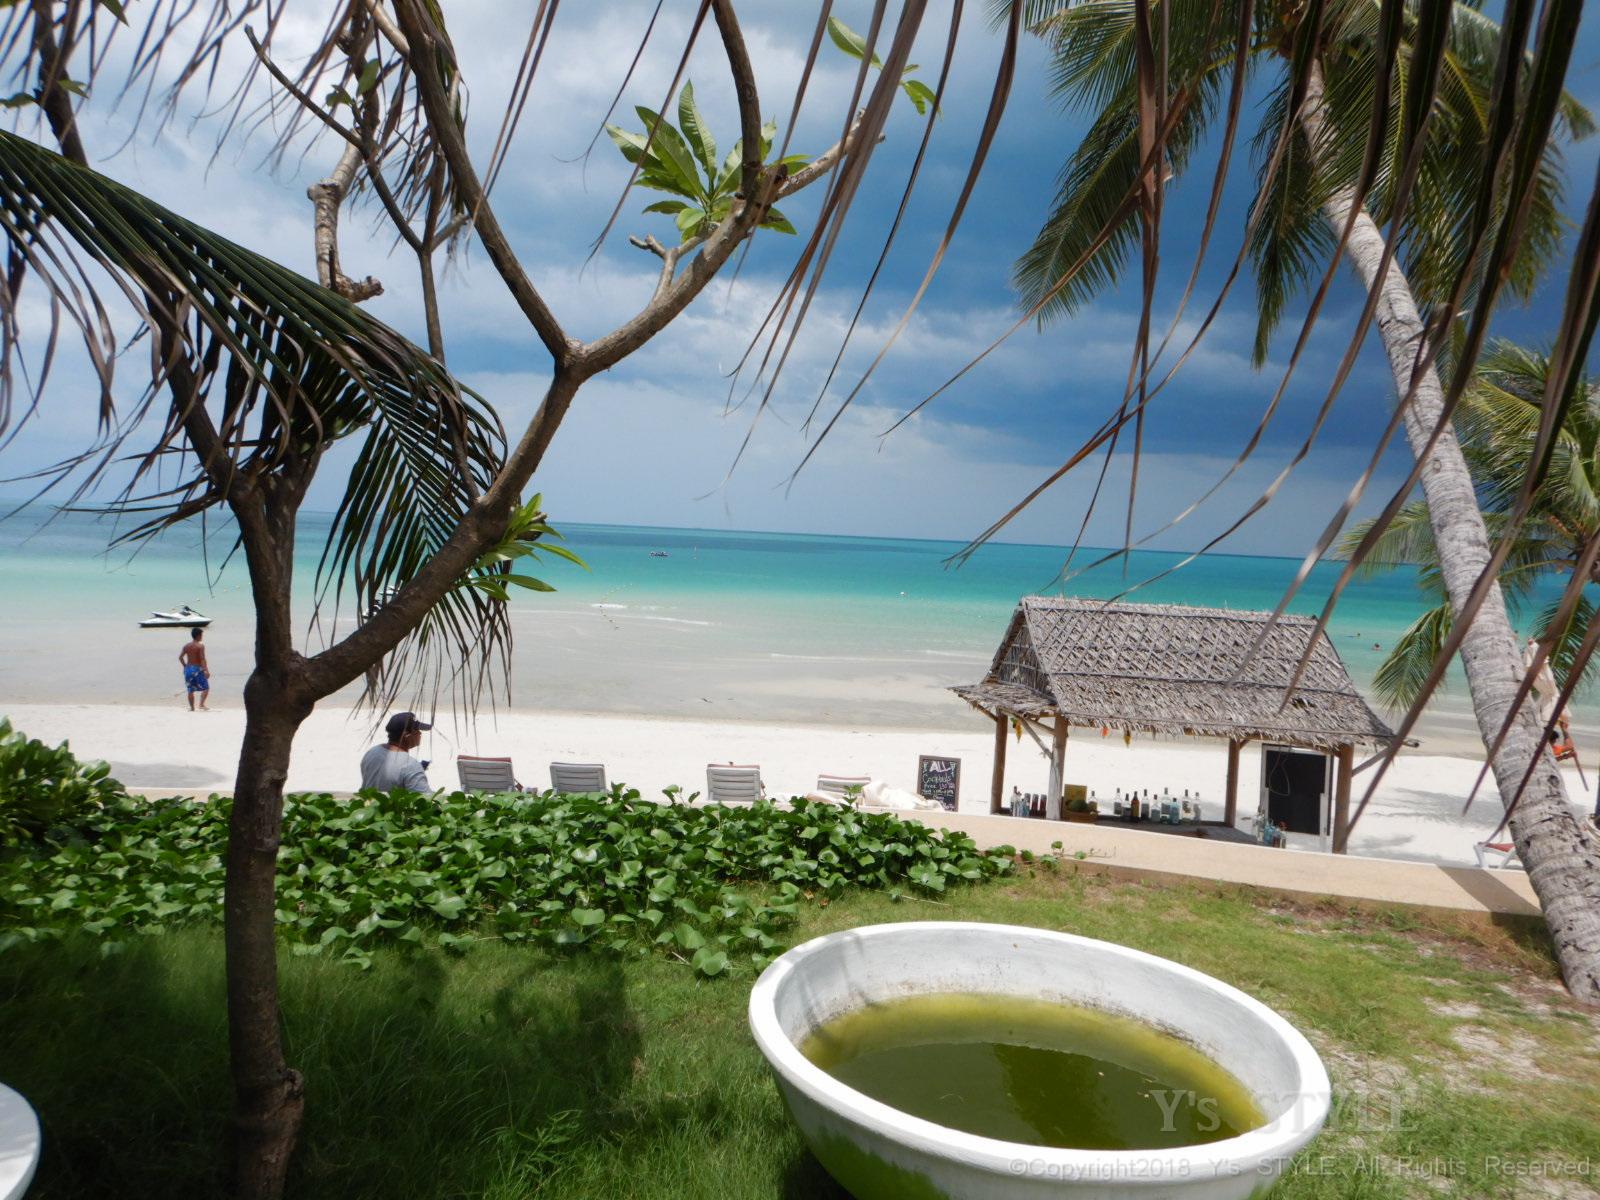 タイのビーチリゾートでした事